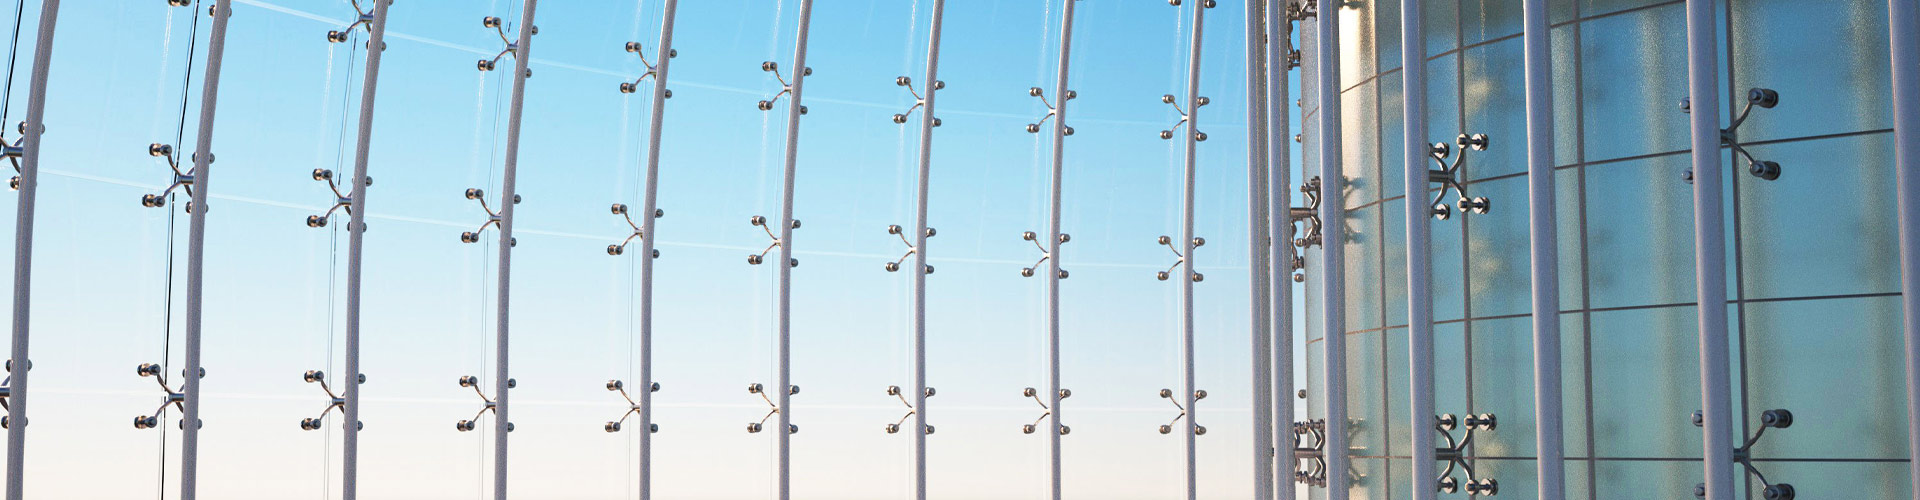 """玻璃幕墙居然成为了""""鸟类杀手"""""""